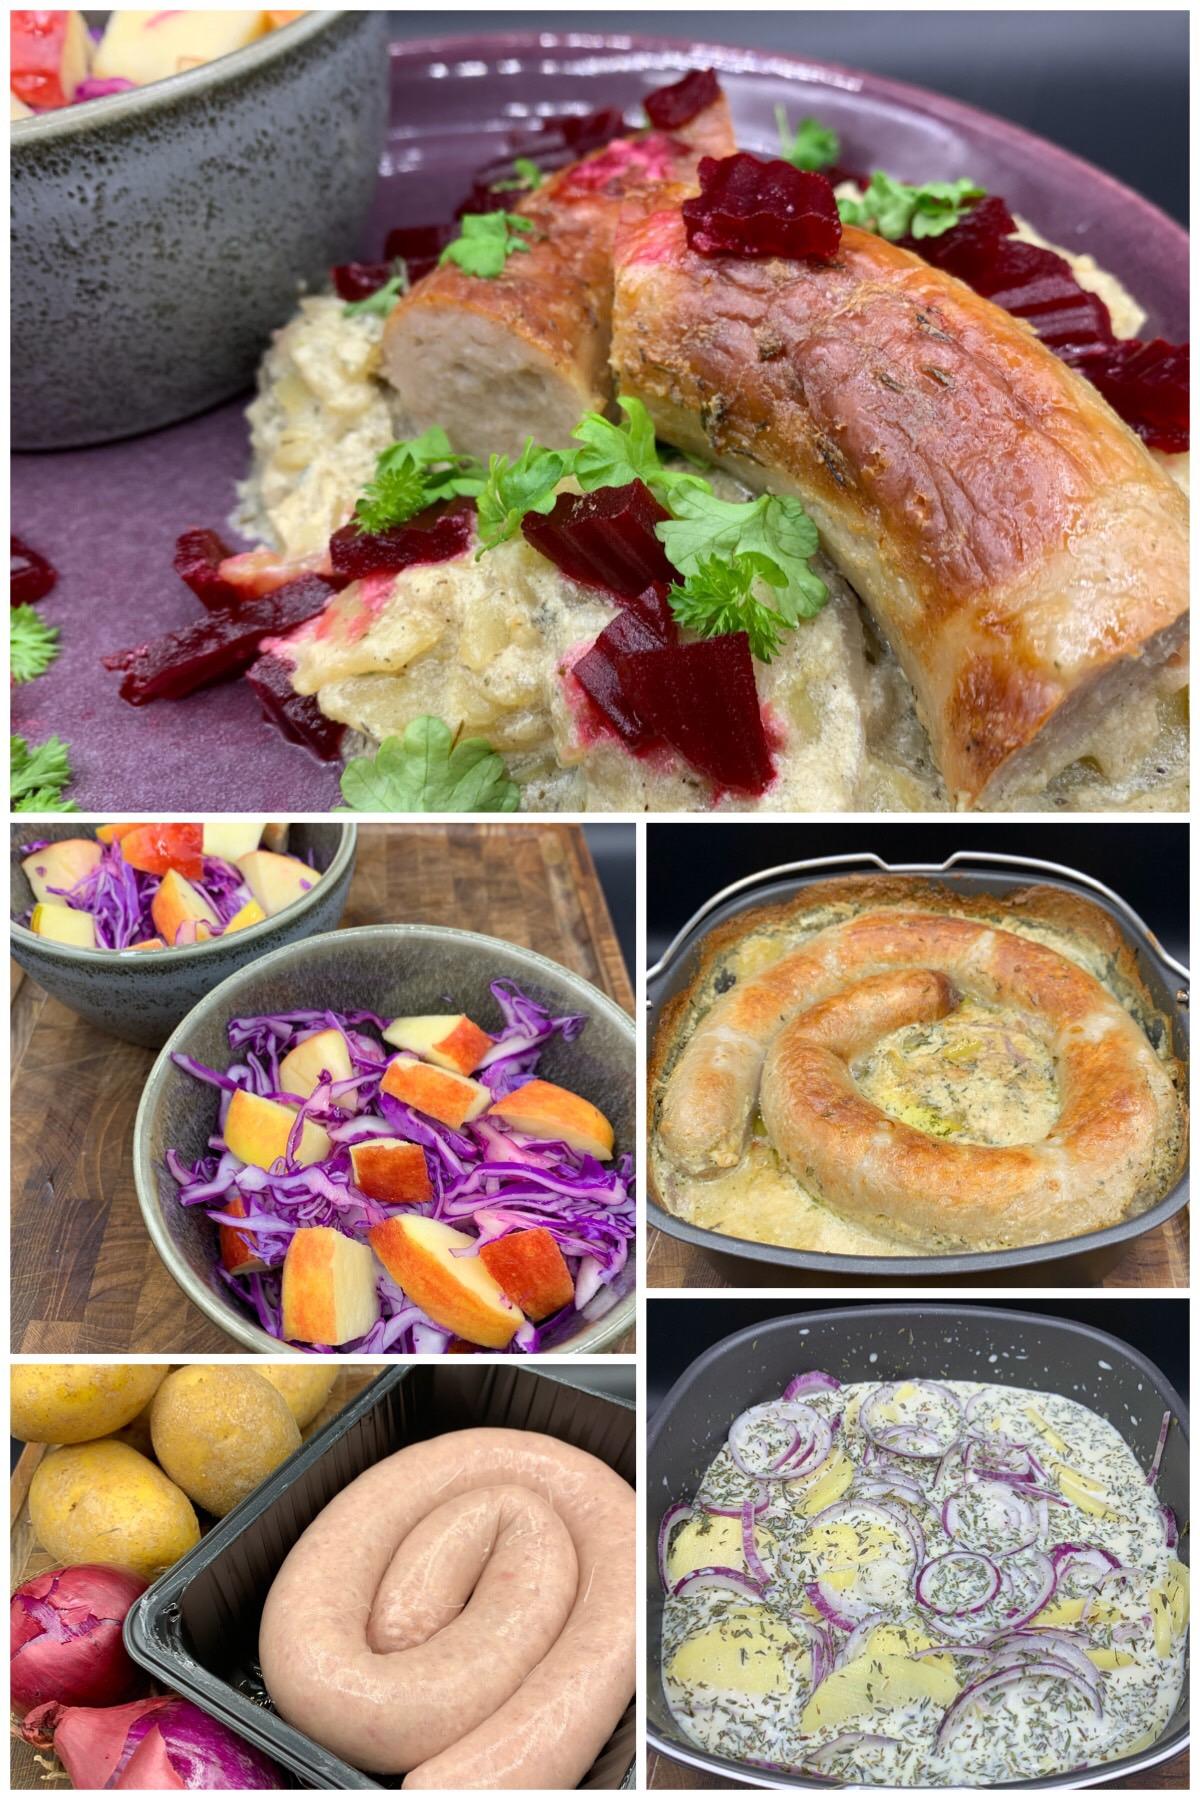 Medister i fad med kartofler, løg, sauce, rødbeder og spidskålssalat